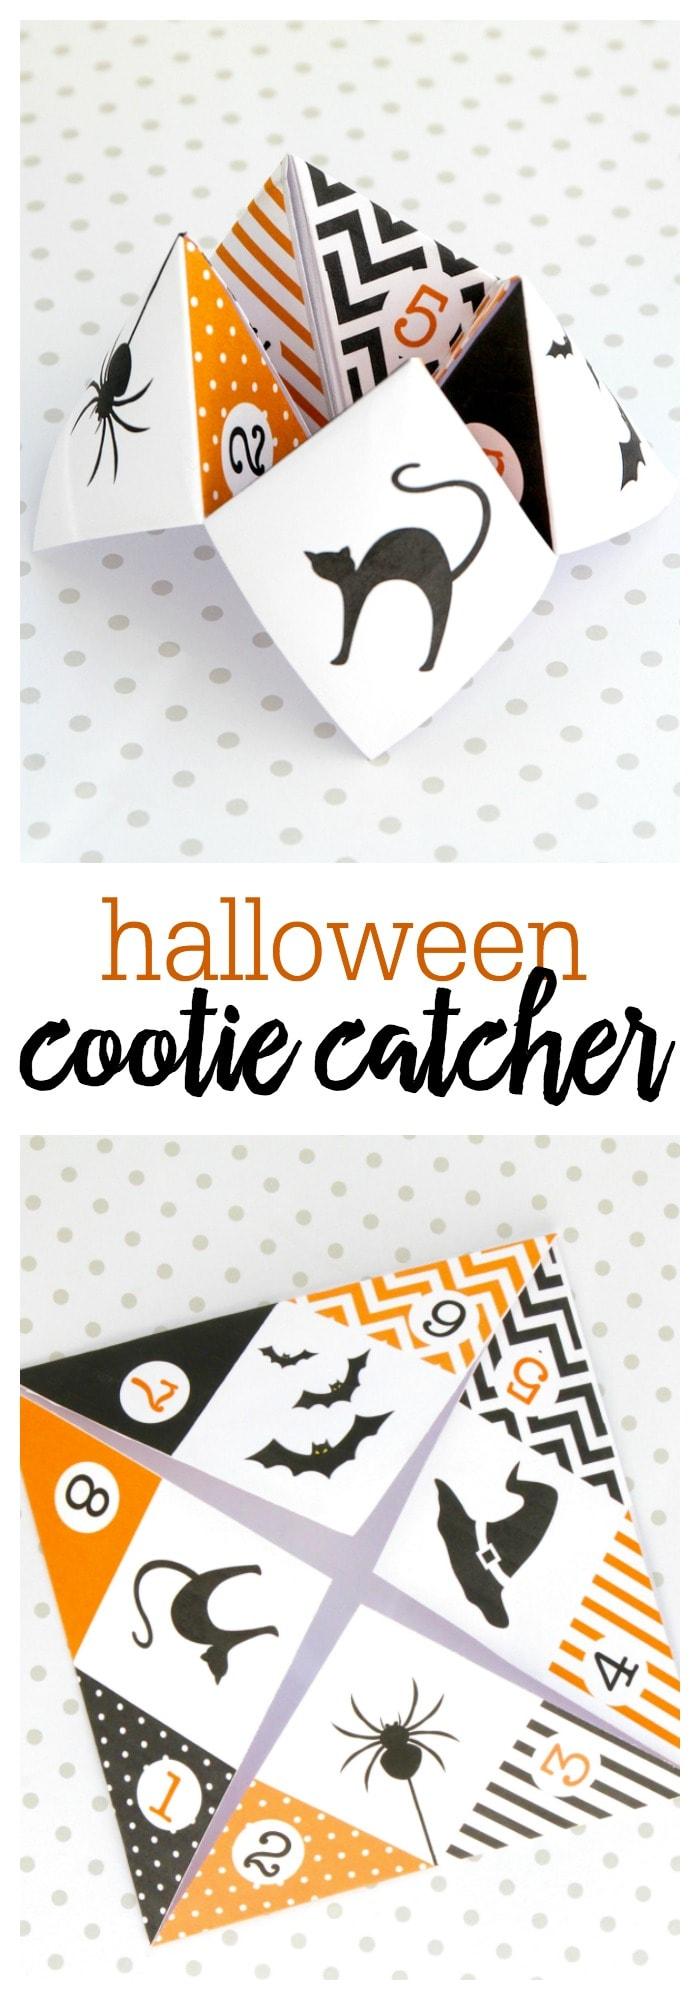 Halloween Cootie Catcher